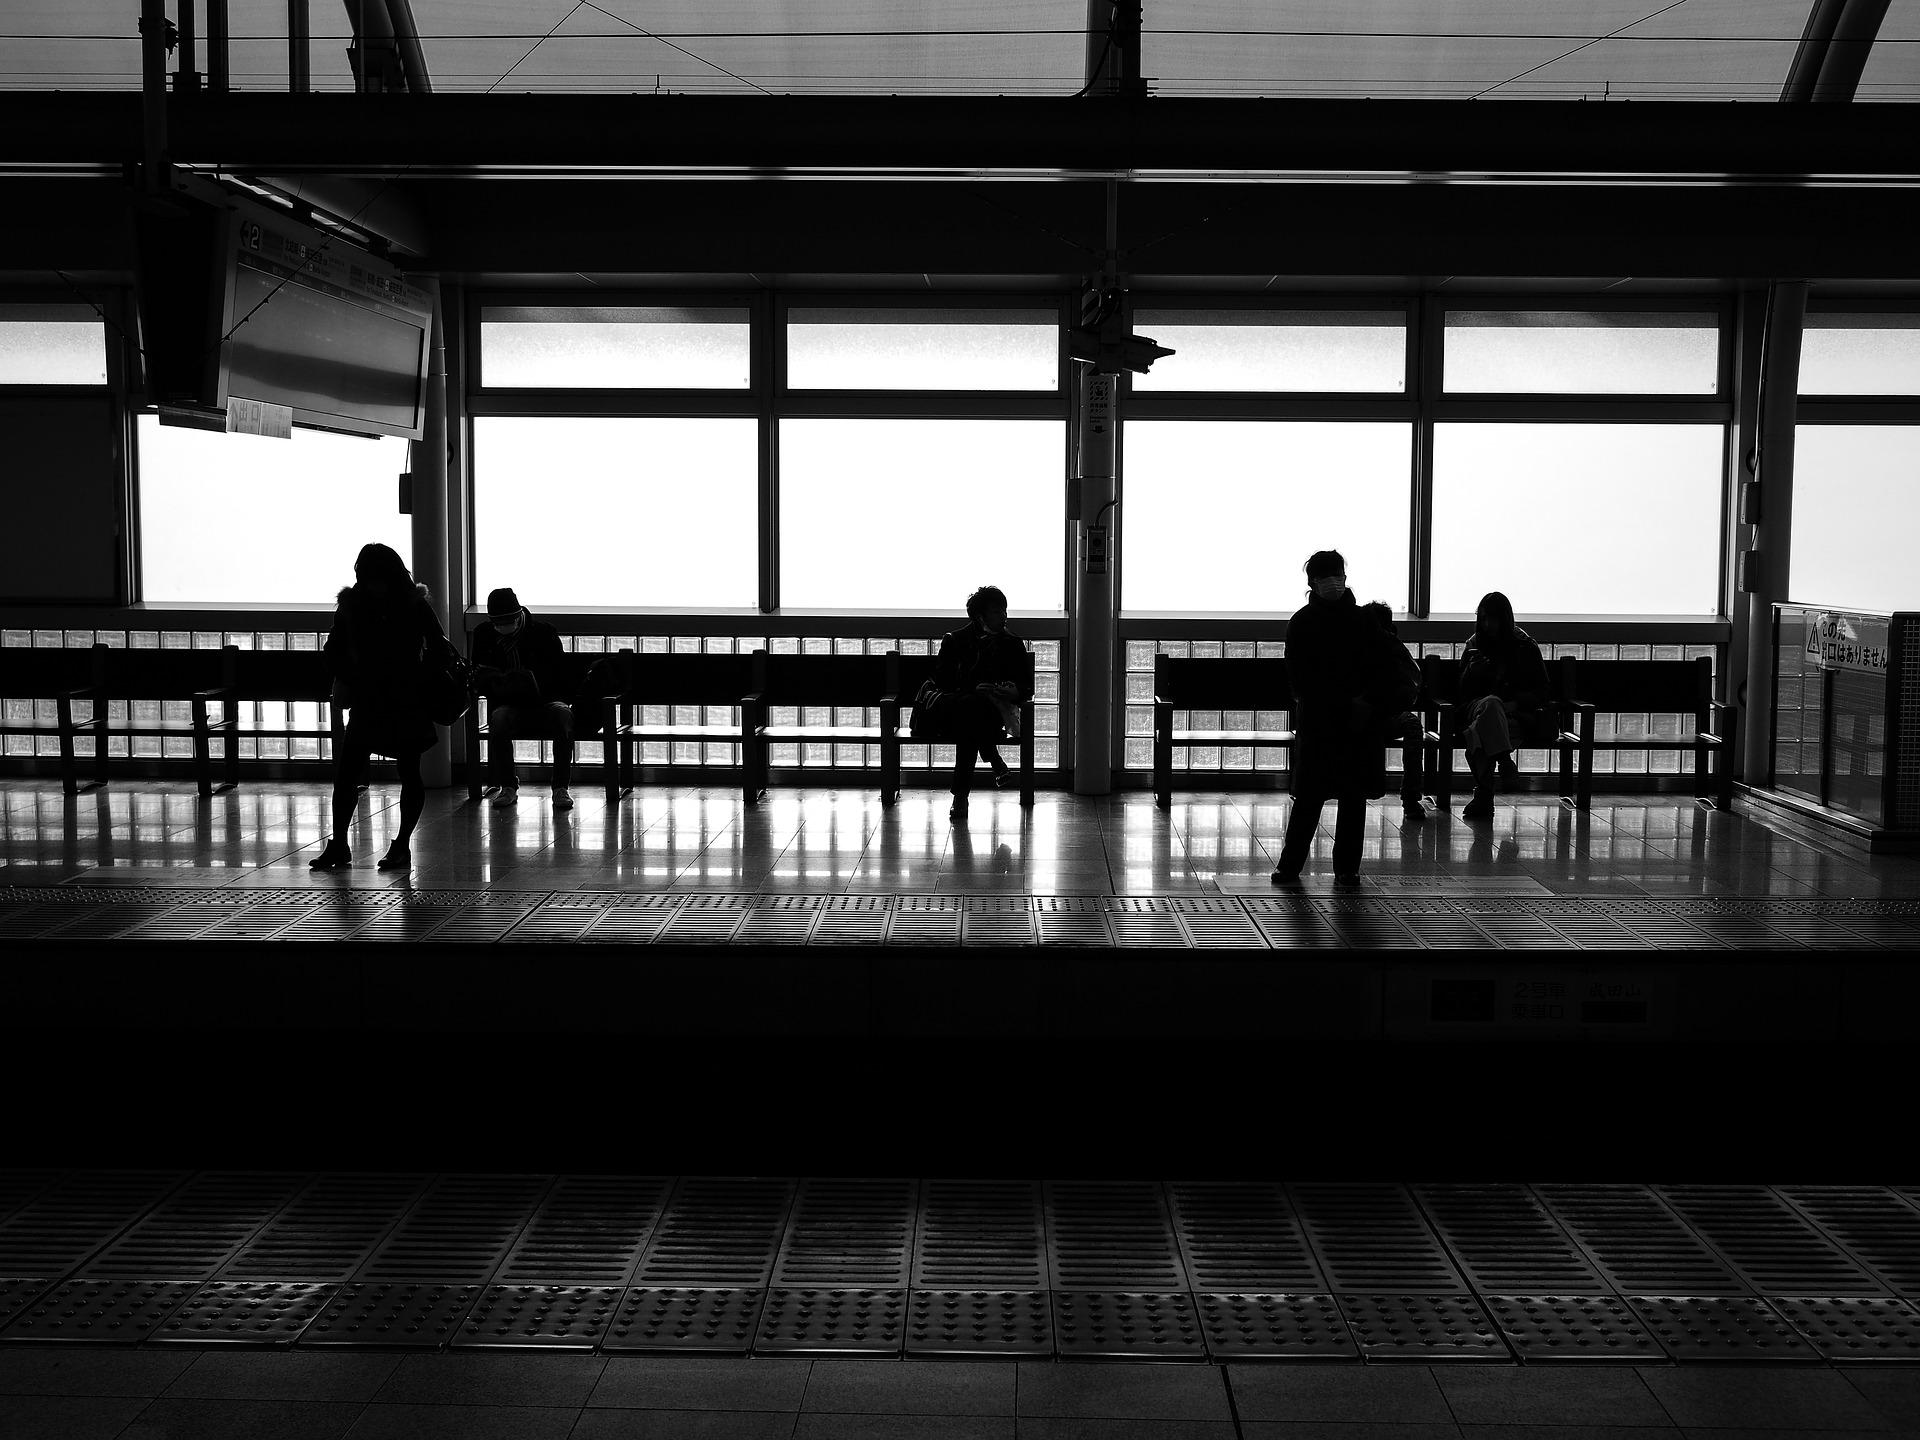 【混雑している通勤電車をスルー】座ってパソコンも開けるエンジニアおすすめの着席サービス